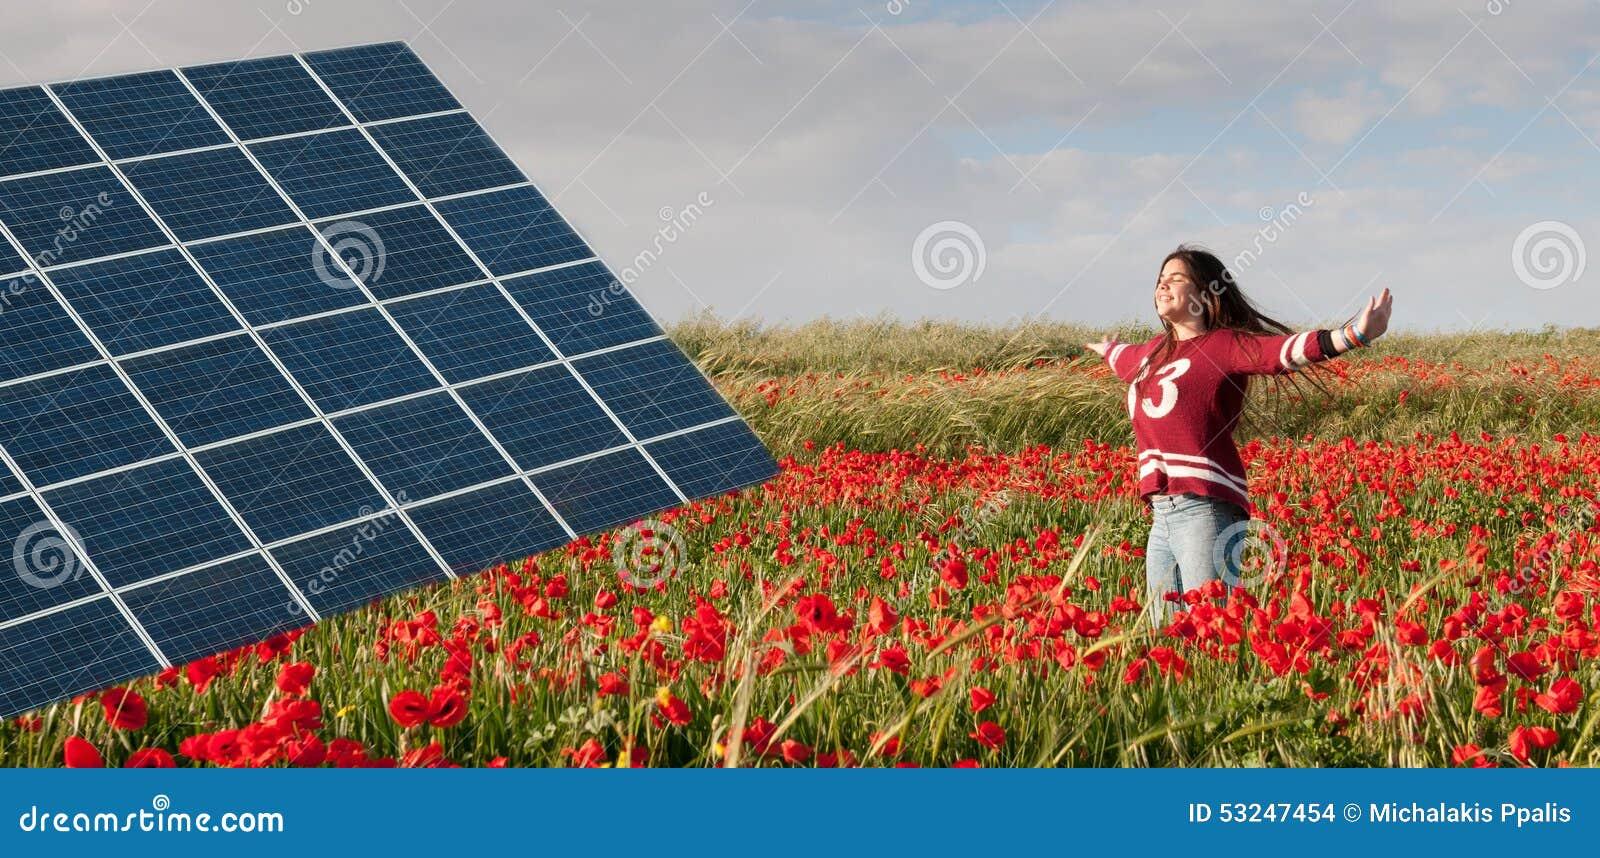 Painel e adolescente da energia solar em um campo com papoilas vermelhas